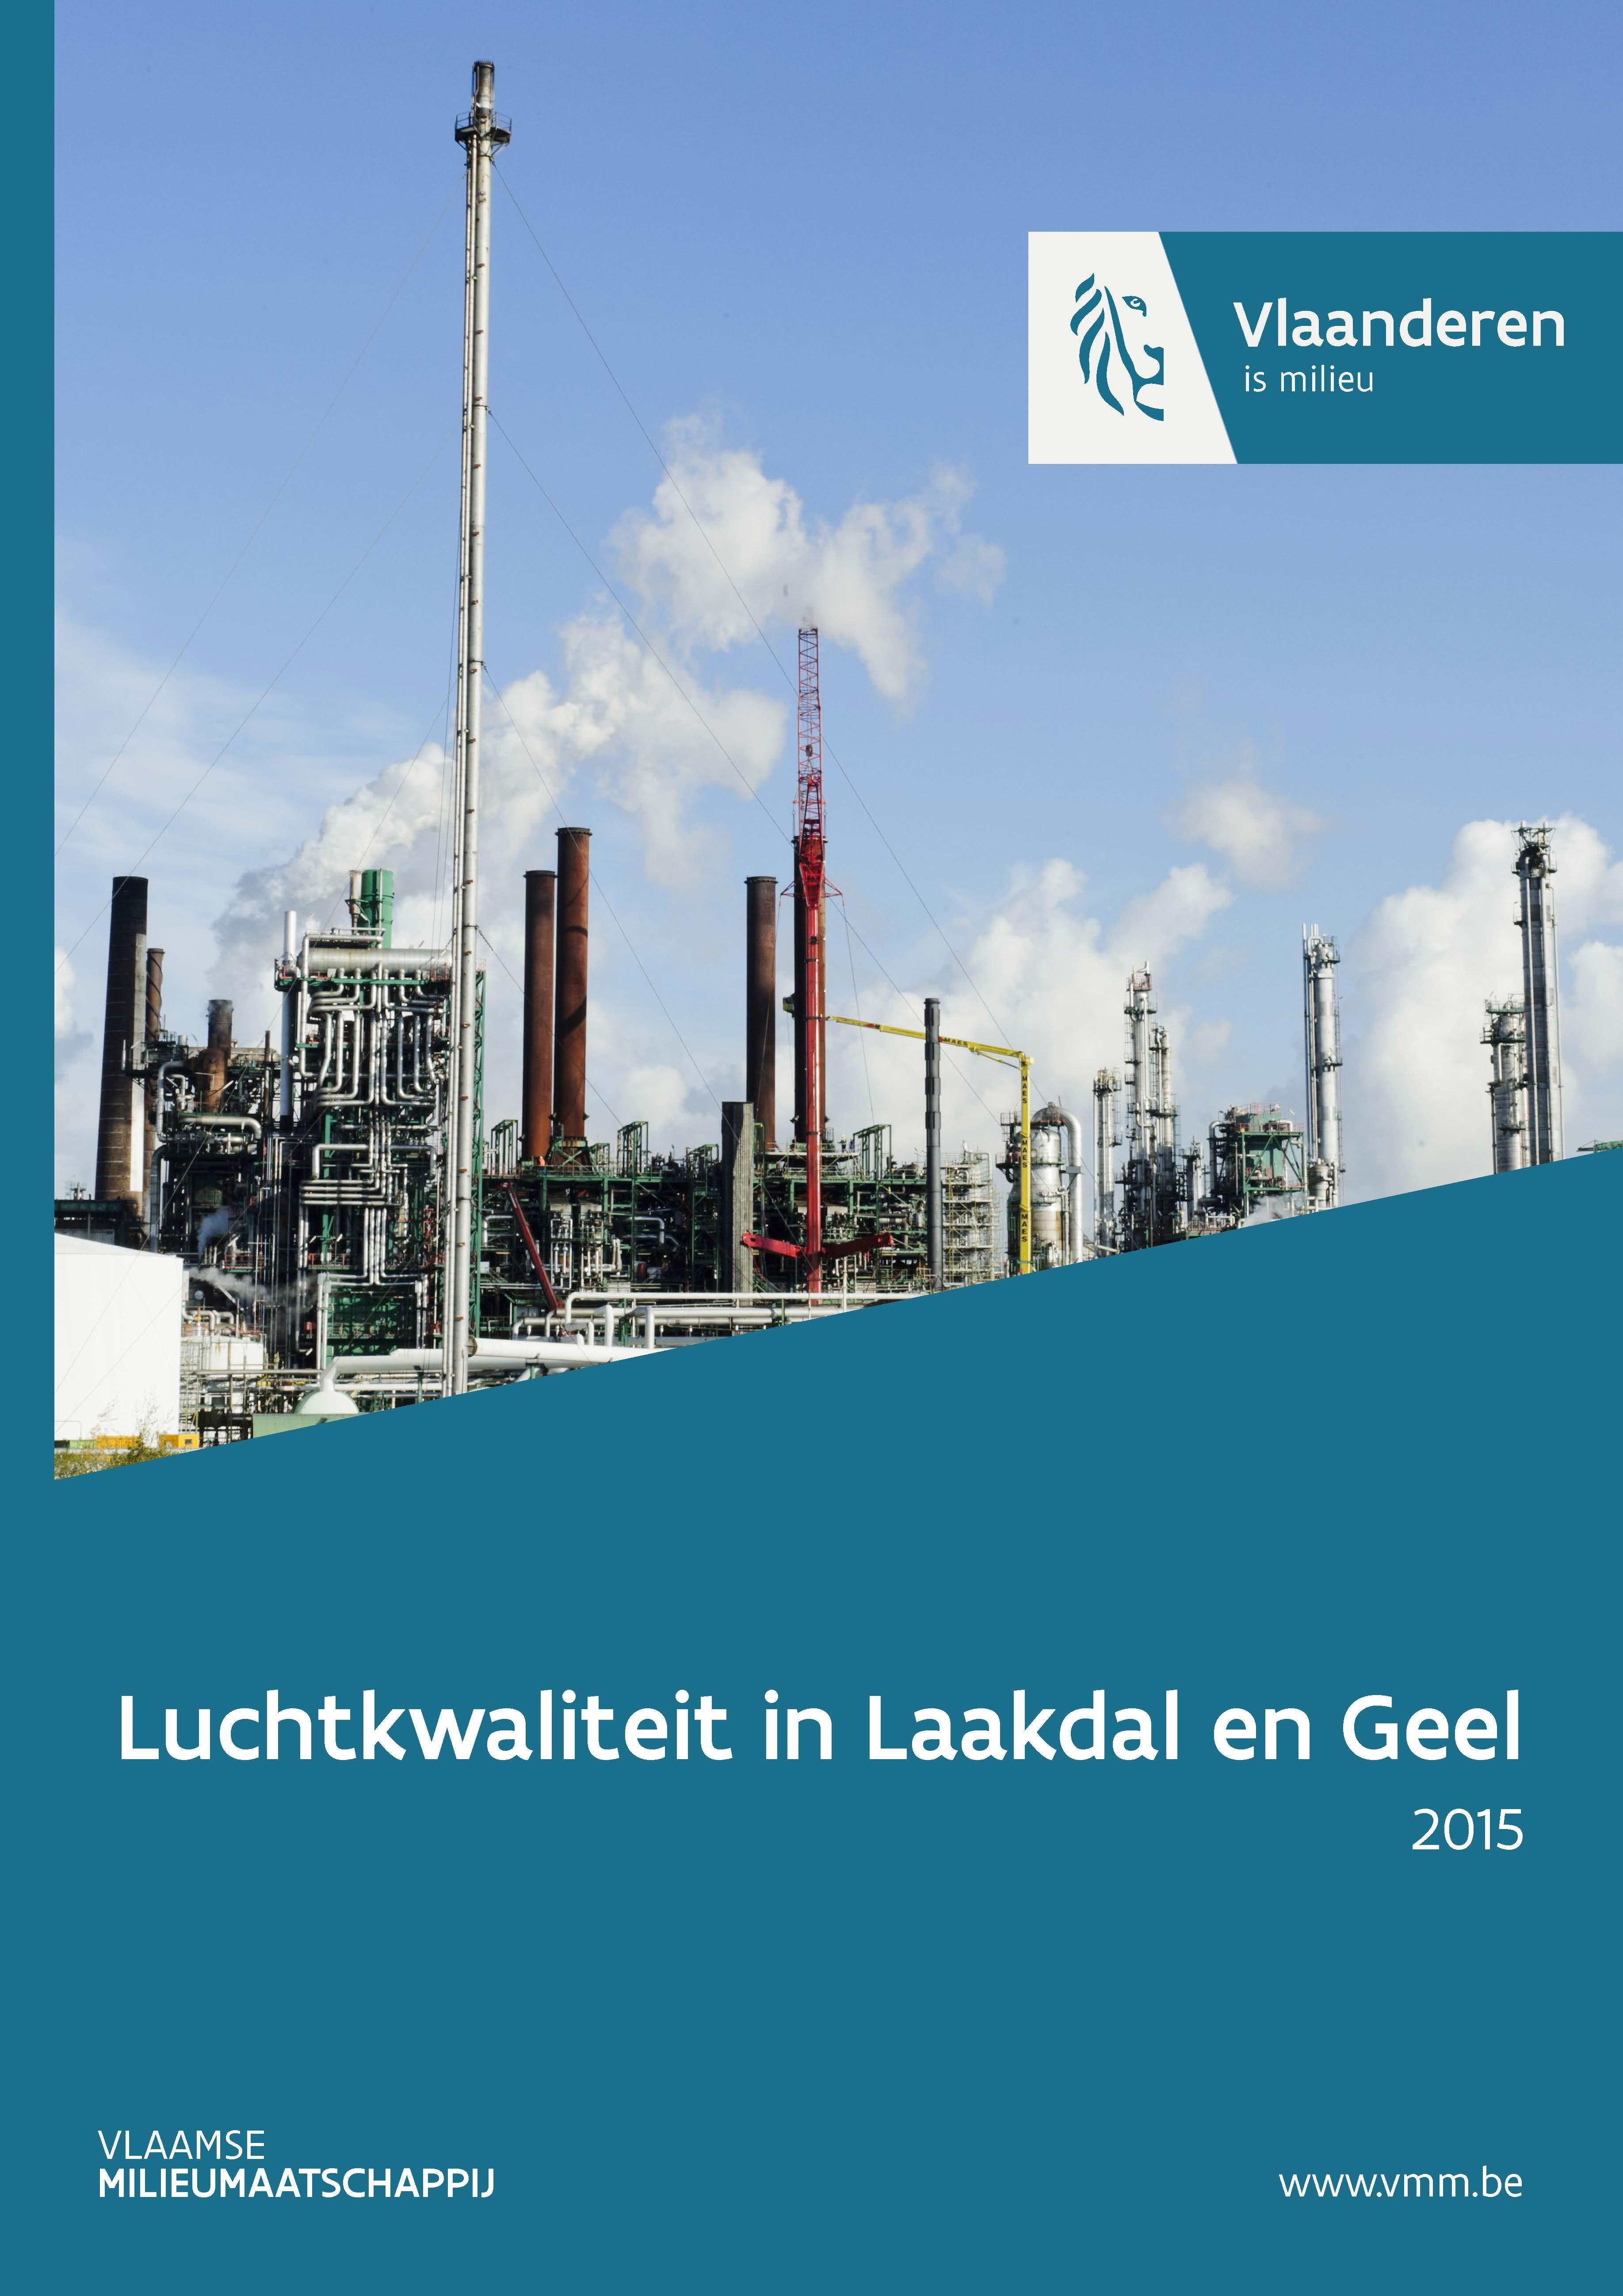 Luchtkwaliteit in Laakdal en Geel in 2015